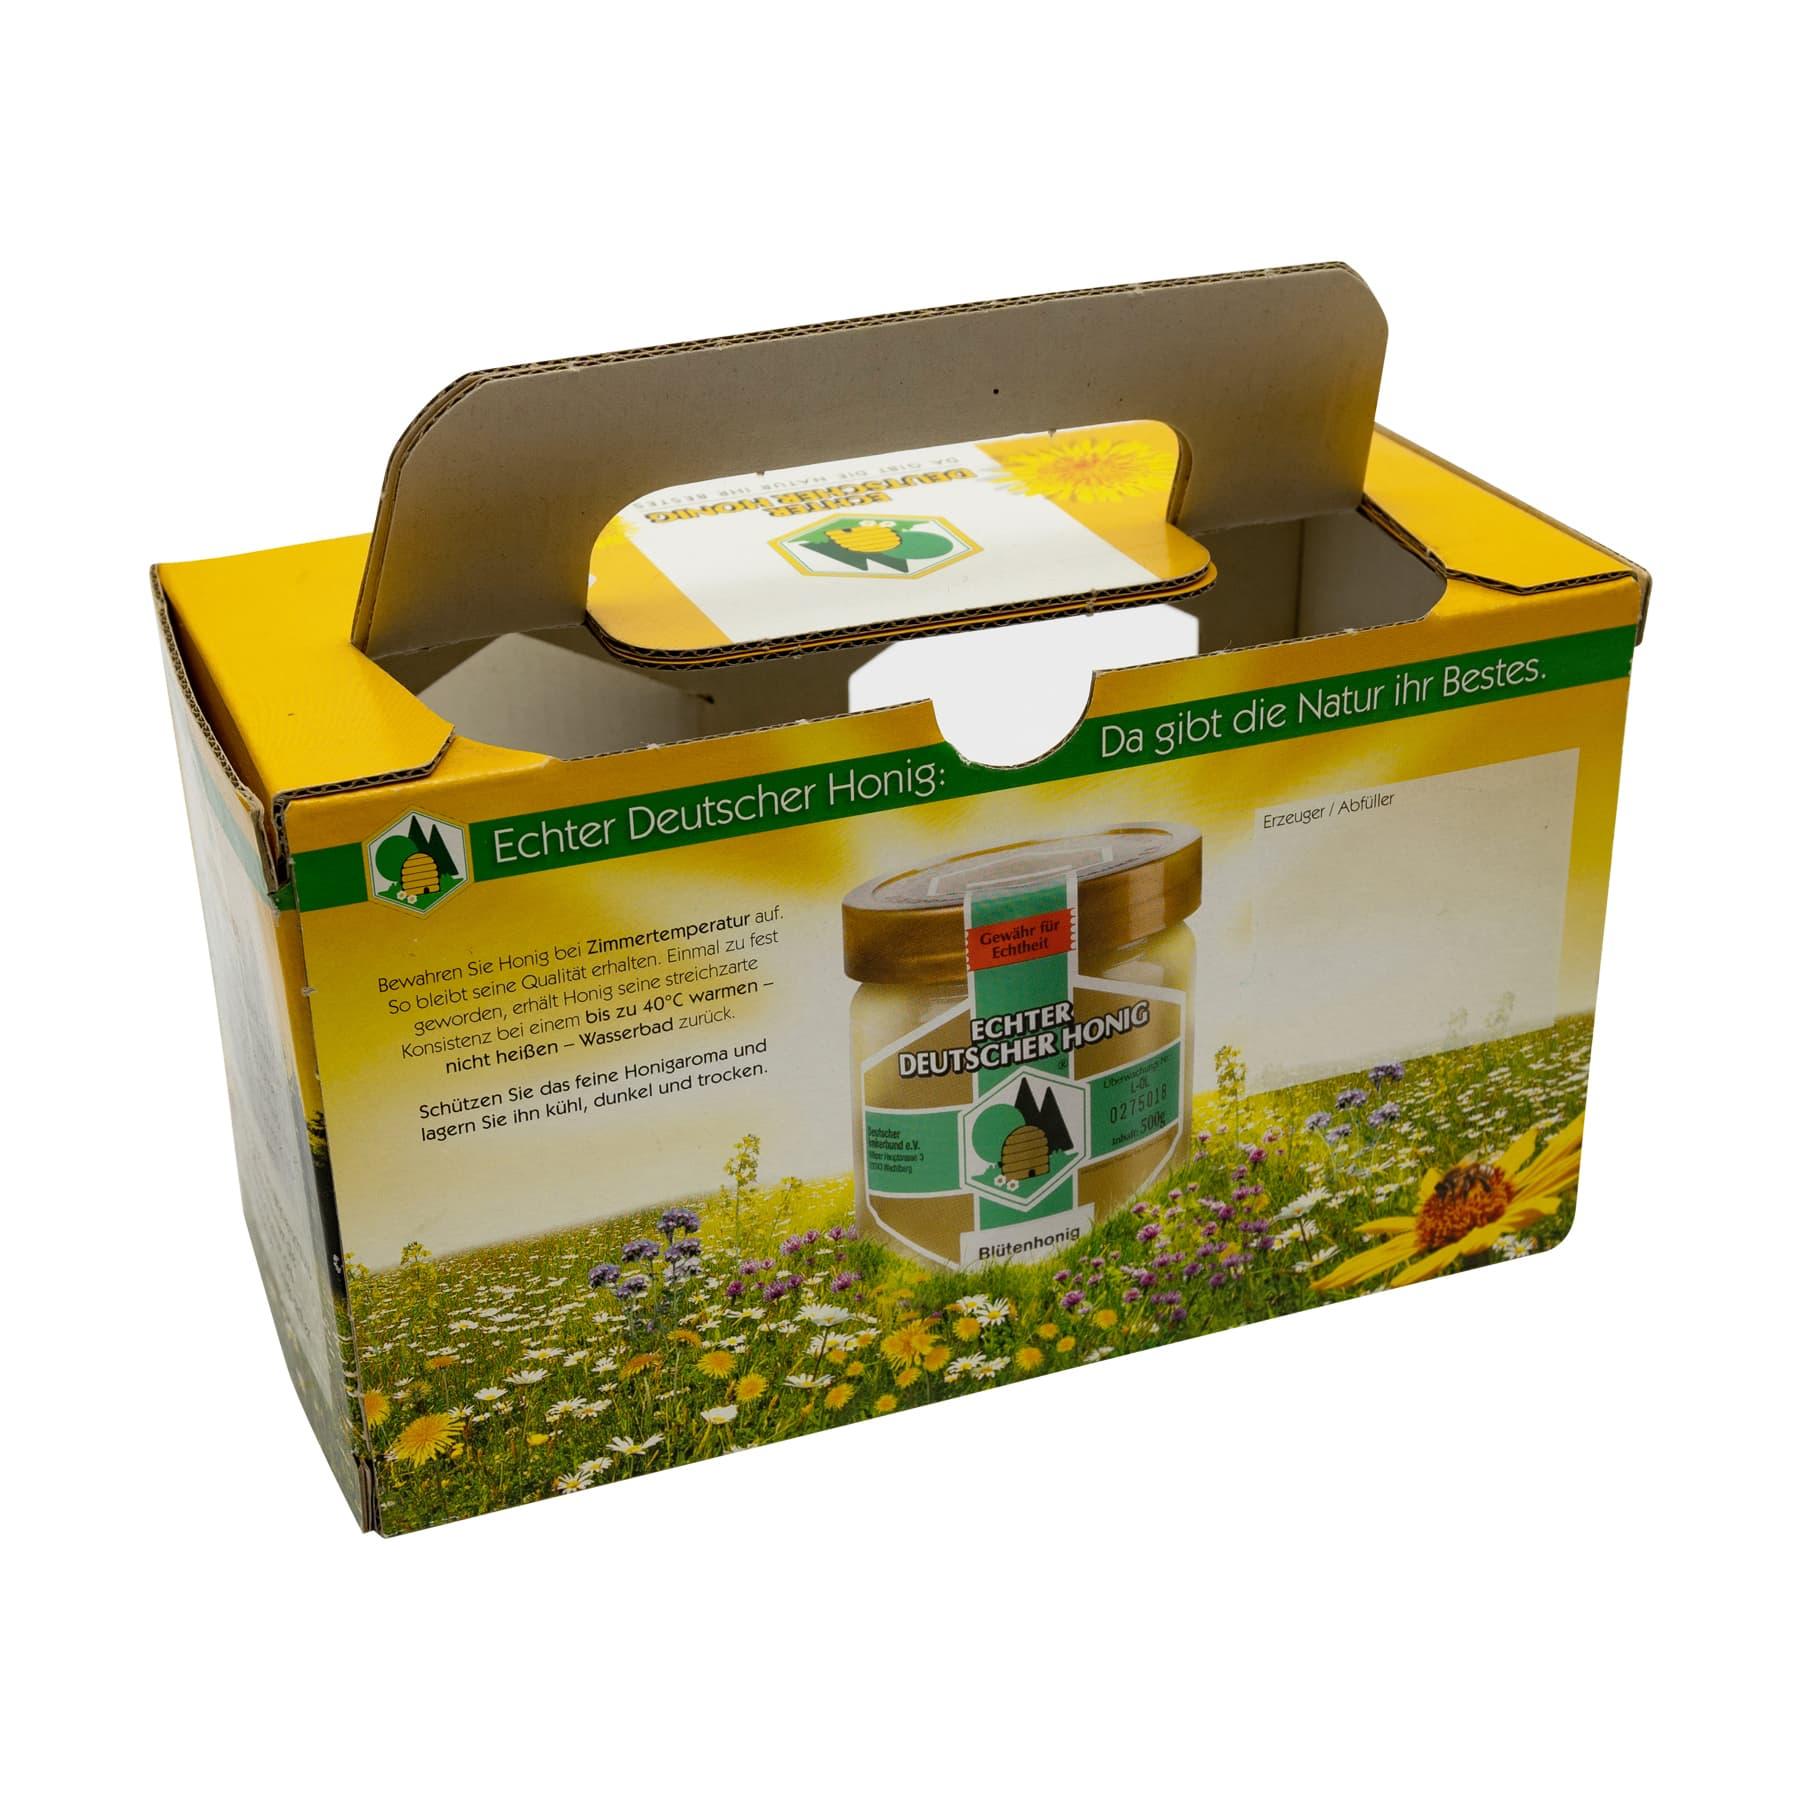 Kartonverpackung für 2 x 500 g Honigglas DIB